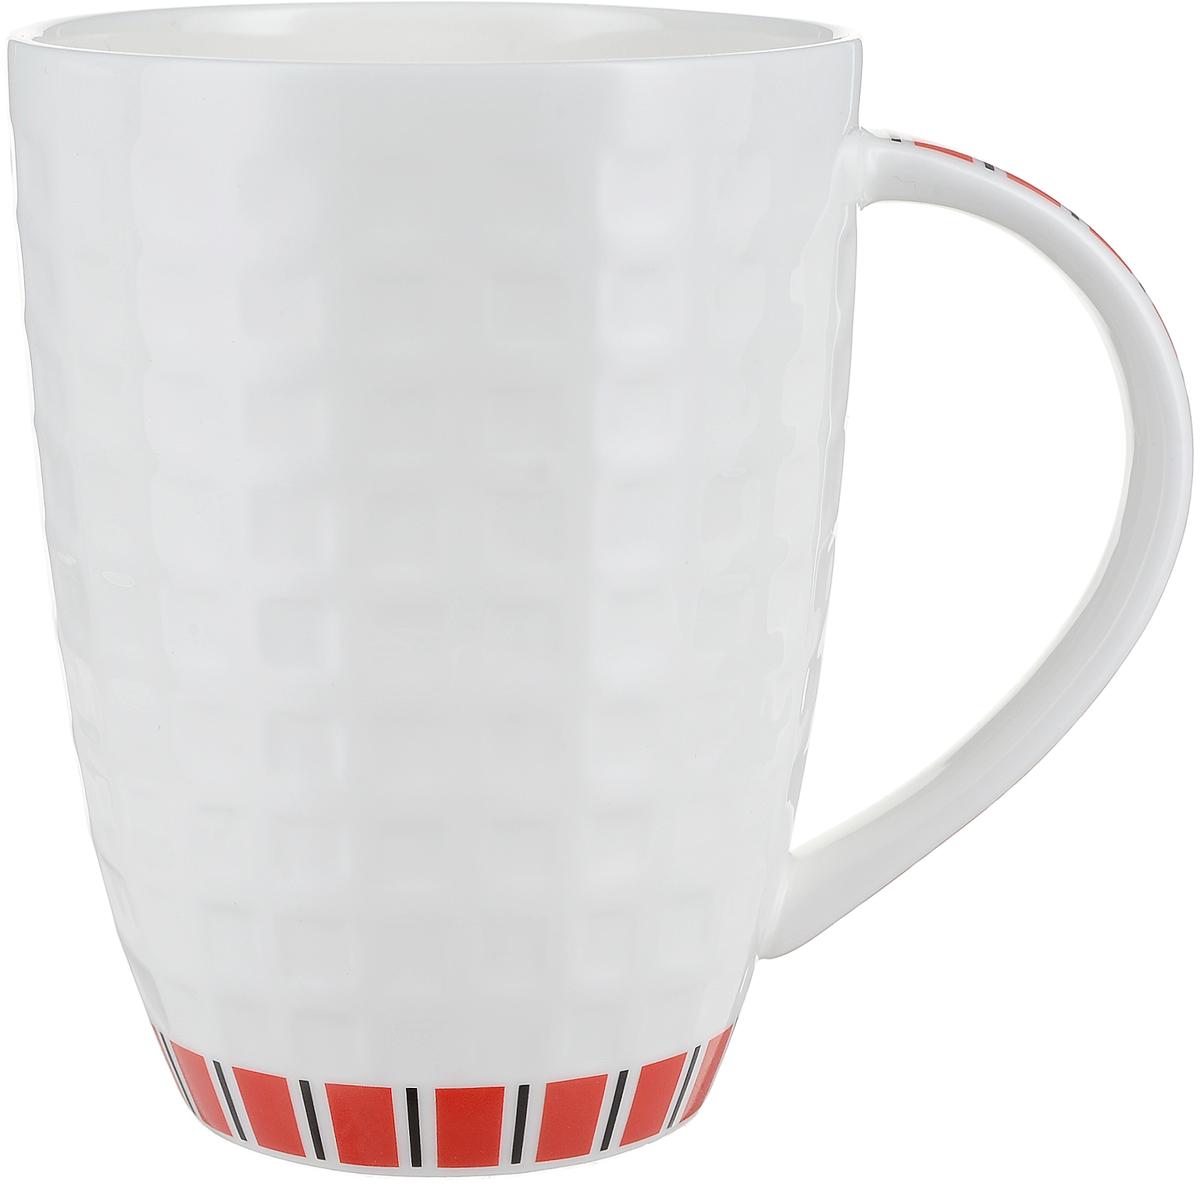 Кружка Royal Aurel Канфаэль, цвет: белый, красный, 330 мл1103Фарфор Royal Aurel отличается исключительной белизной, что объясняется уникальными компонентами и традиционной технологией, по которой он был изготовлен. Белая глина из провинции Фуцзянь и традиционные рецепты китайских мастеров создают неповторимую композицию. Дизайн коллекций выполнен в соответствии с актуальными европейскими тенденциями.Материал: костяной фарфор.